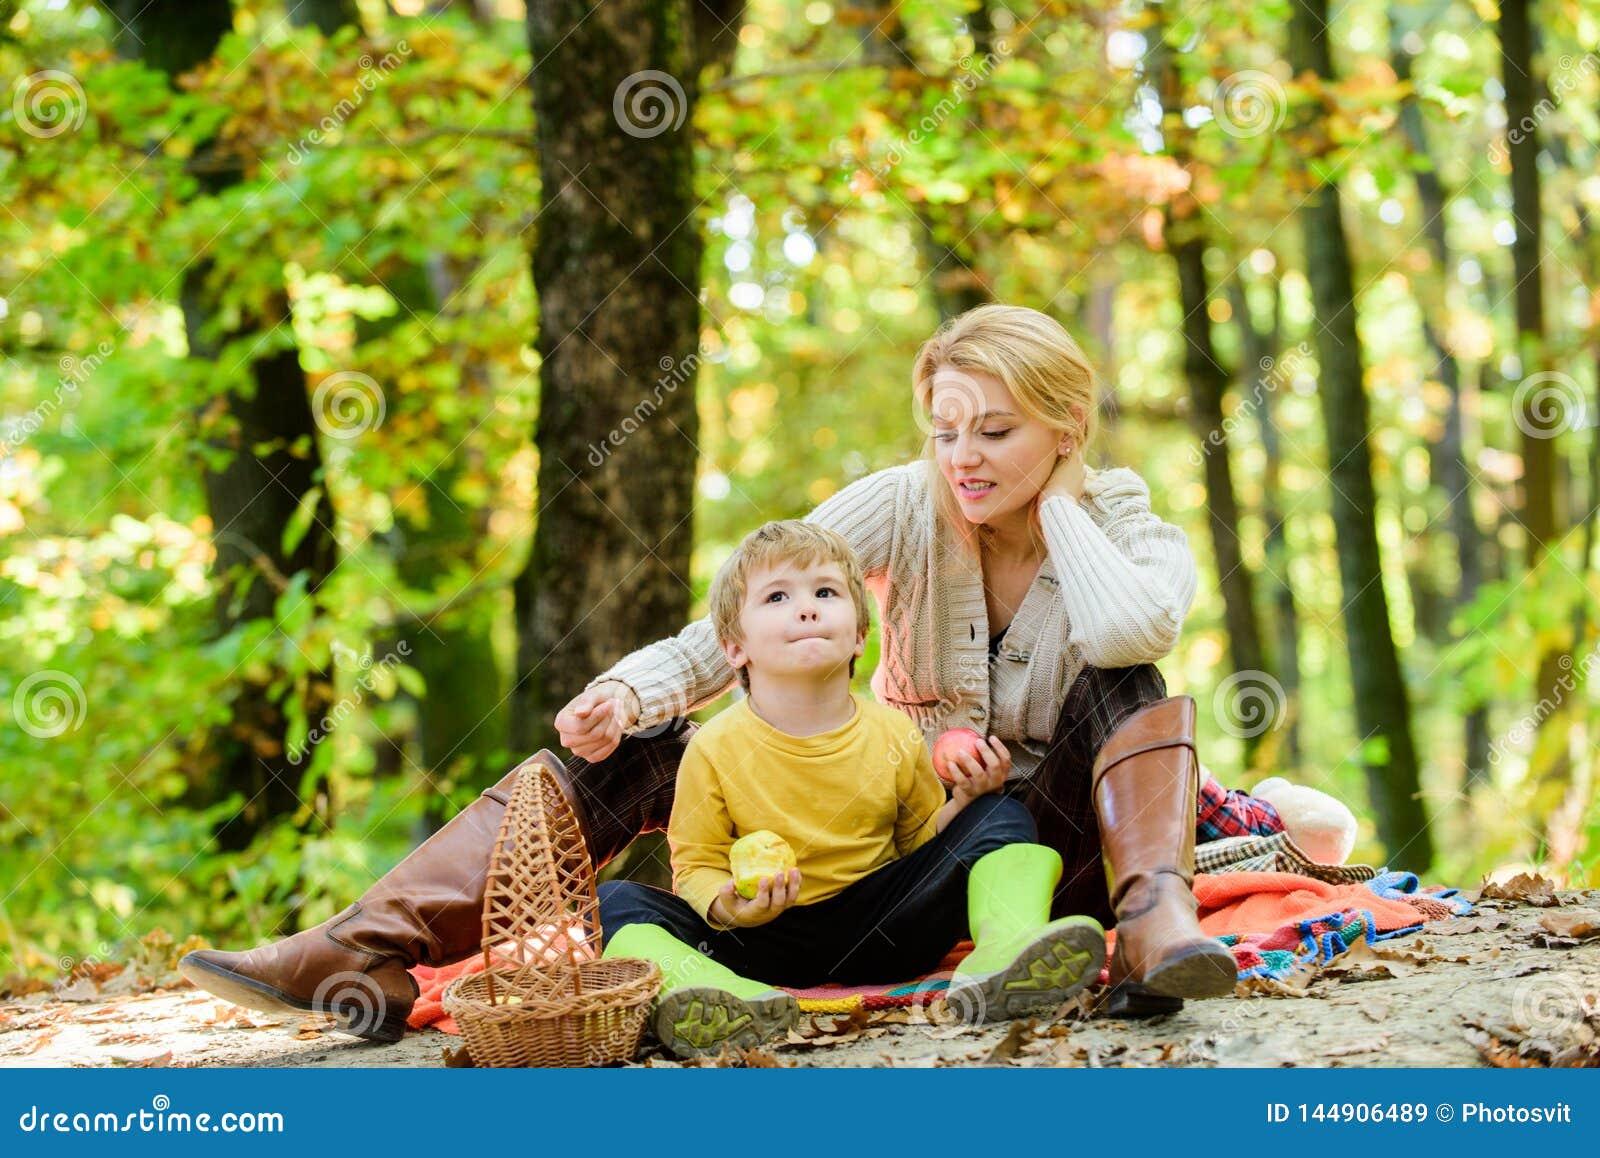 Buon giorno per il picnic della molla in natura Mangiando spuntino durante l aumento Infanzia felice Ragazzo del bambino e della